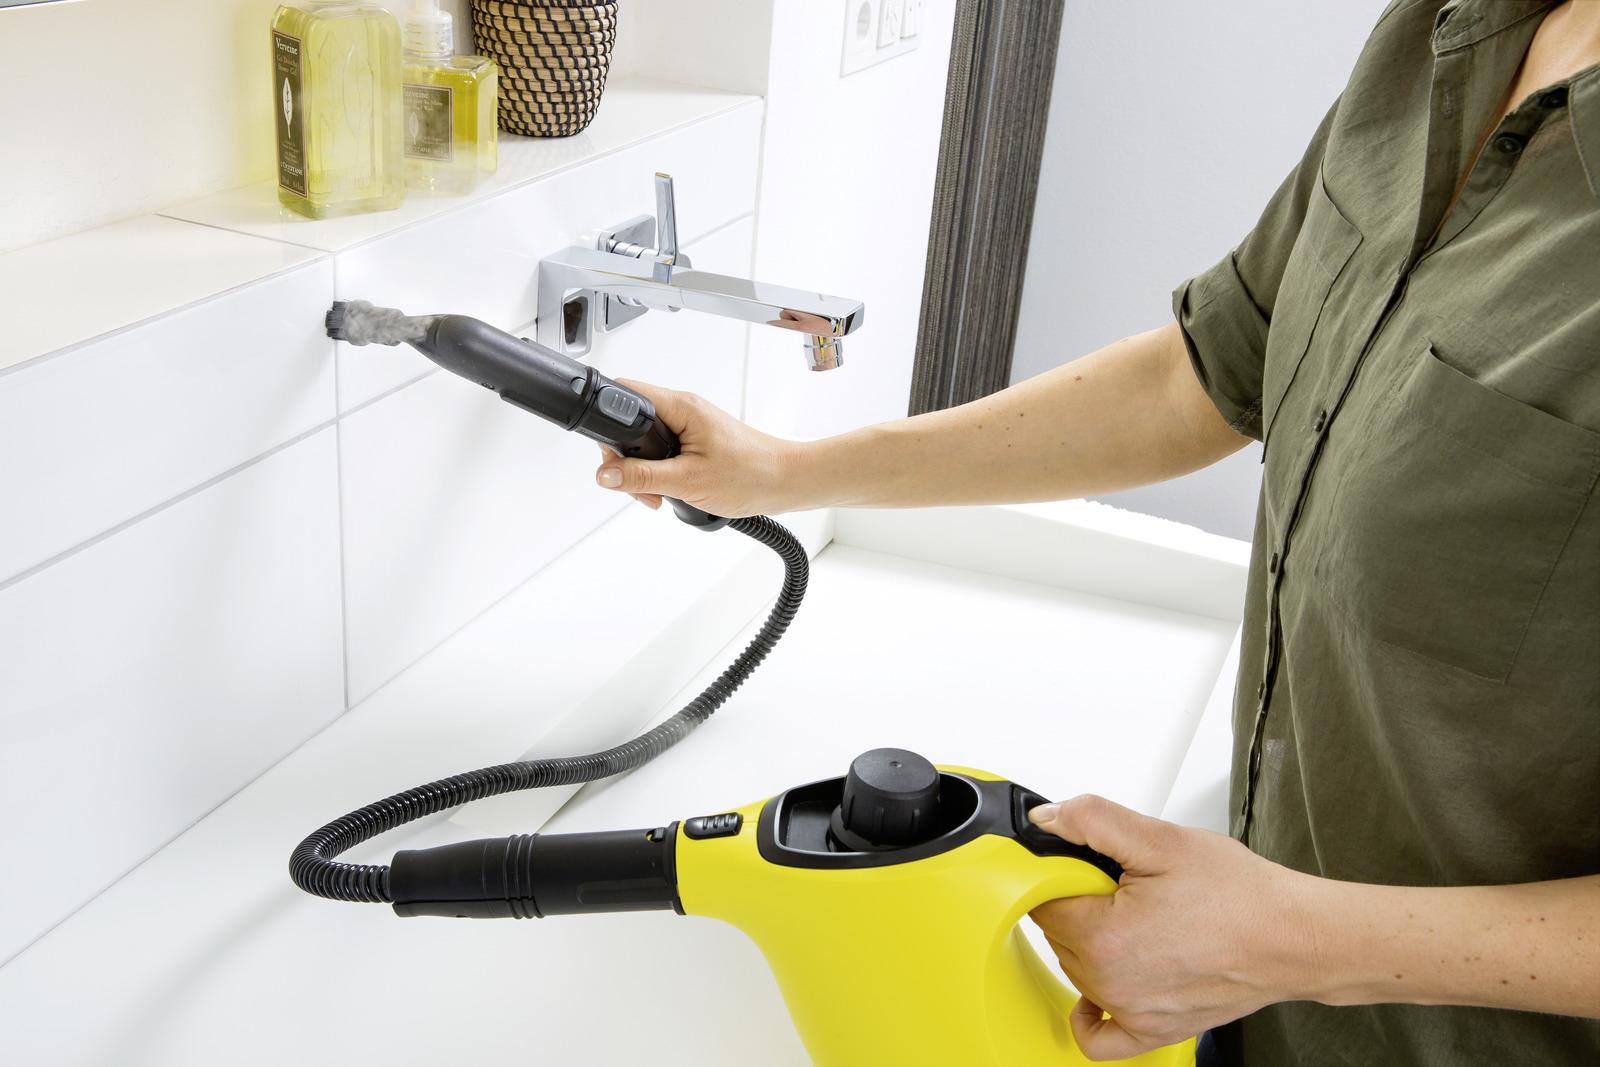 Kärcher Sc 1 Premium : hand held steam cleaner sc 1 premium karcher australia ~ Yasmunasinghe.com Haus und Dekorationen